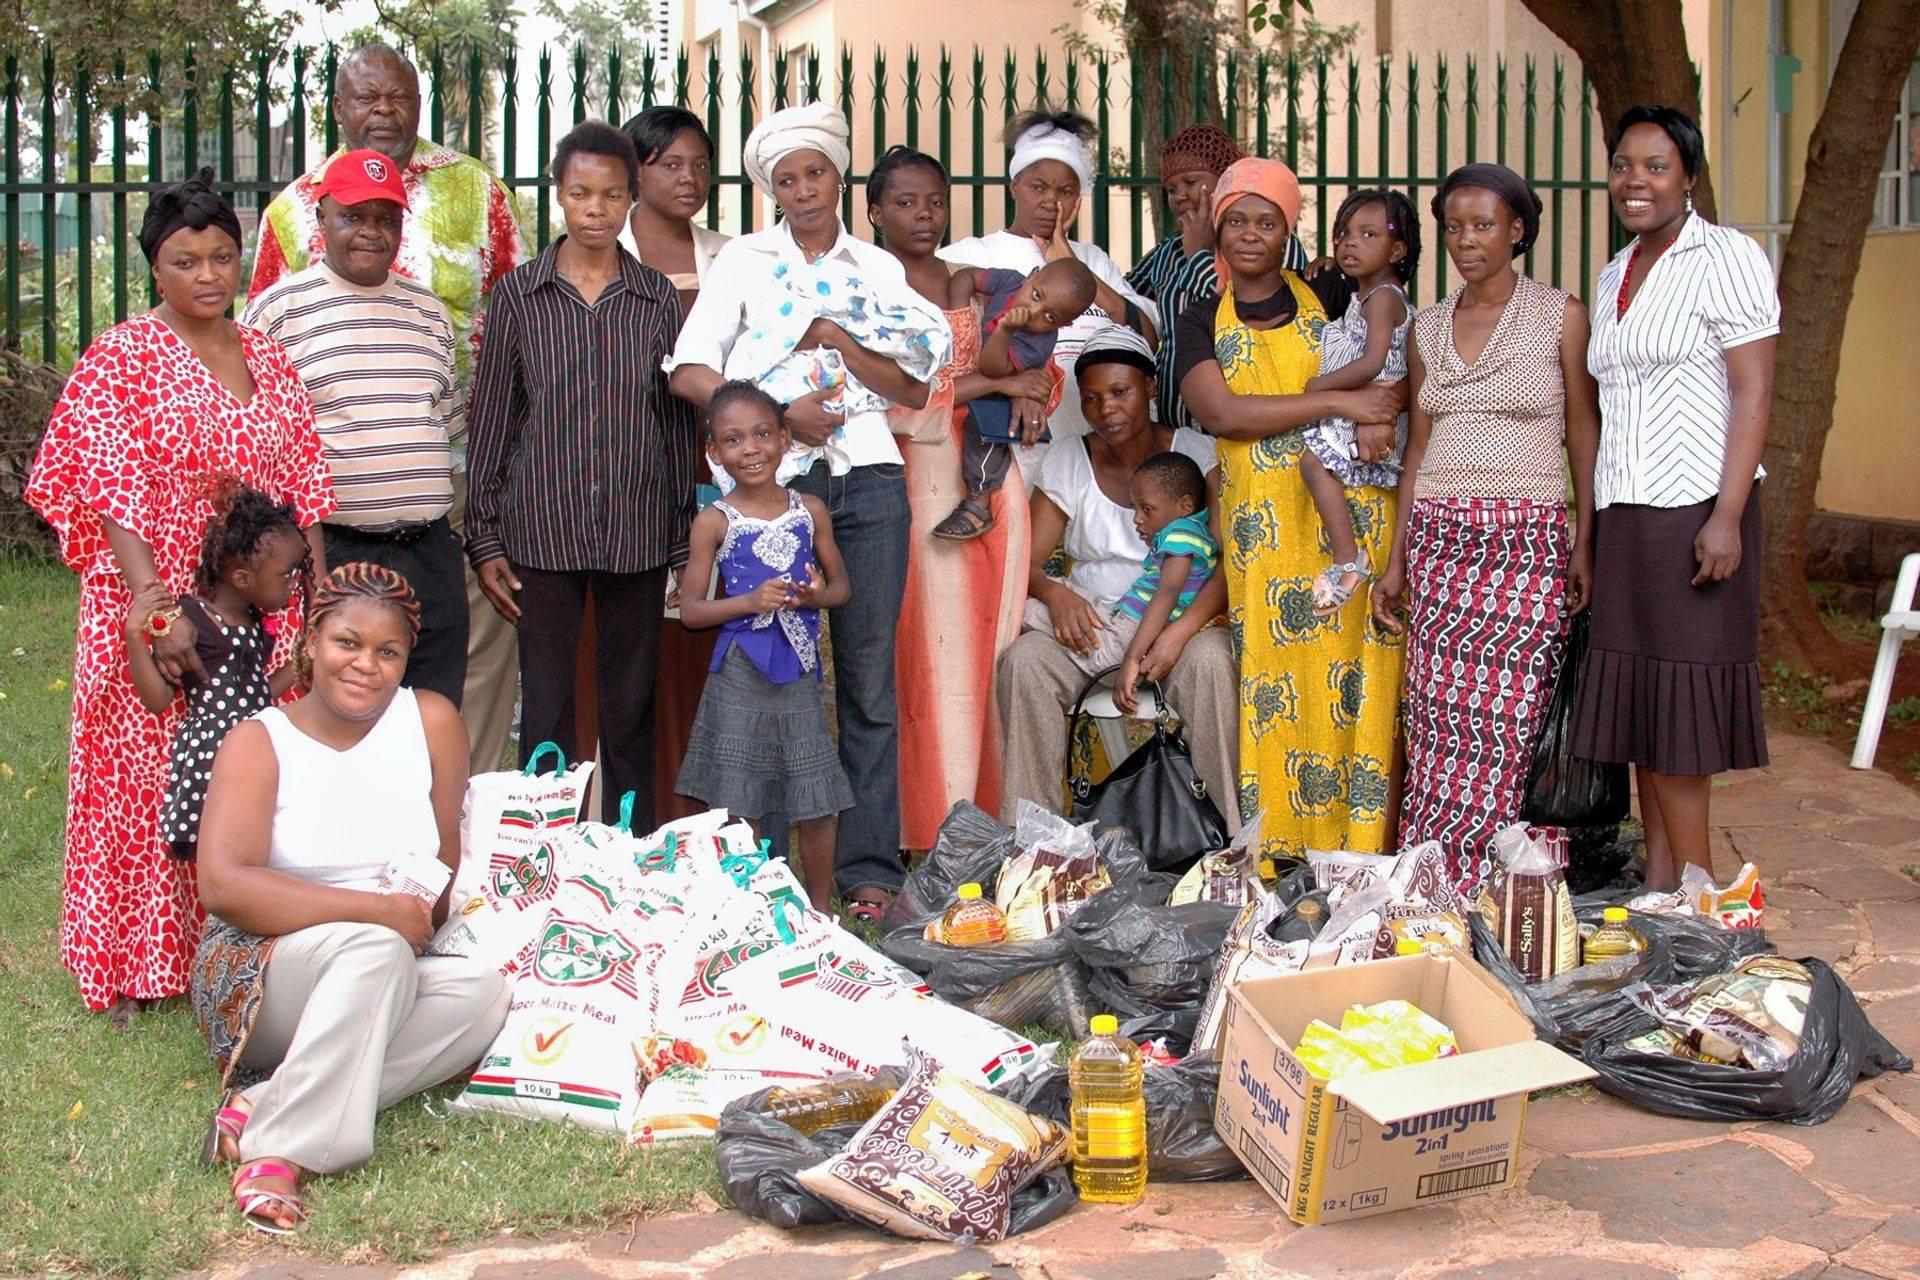 Food Distribution for refugee children